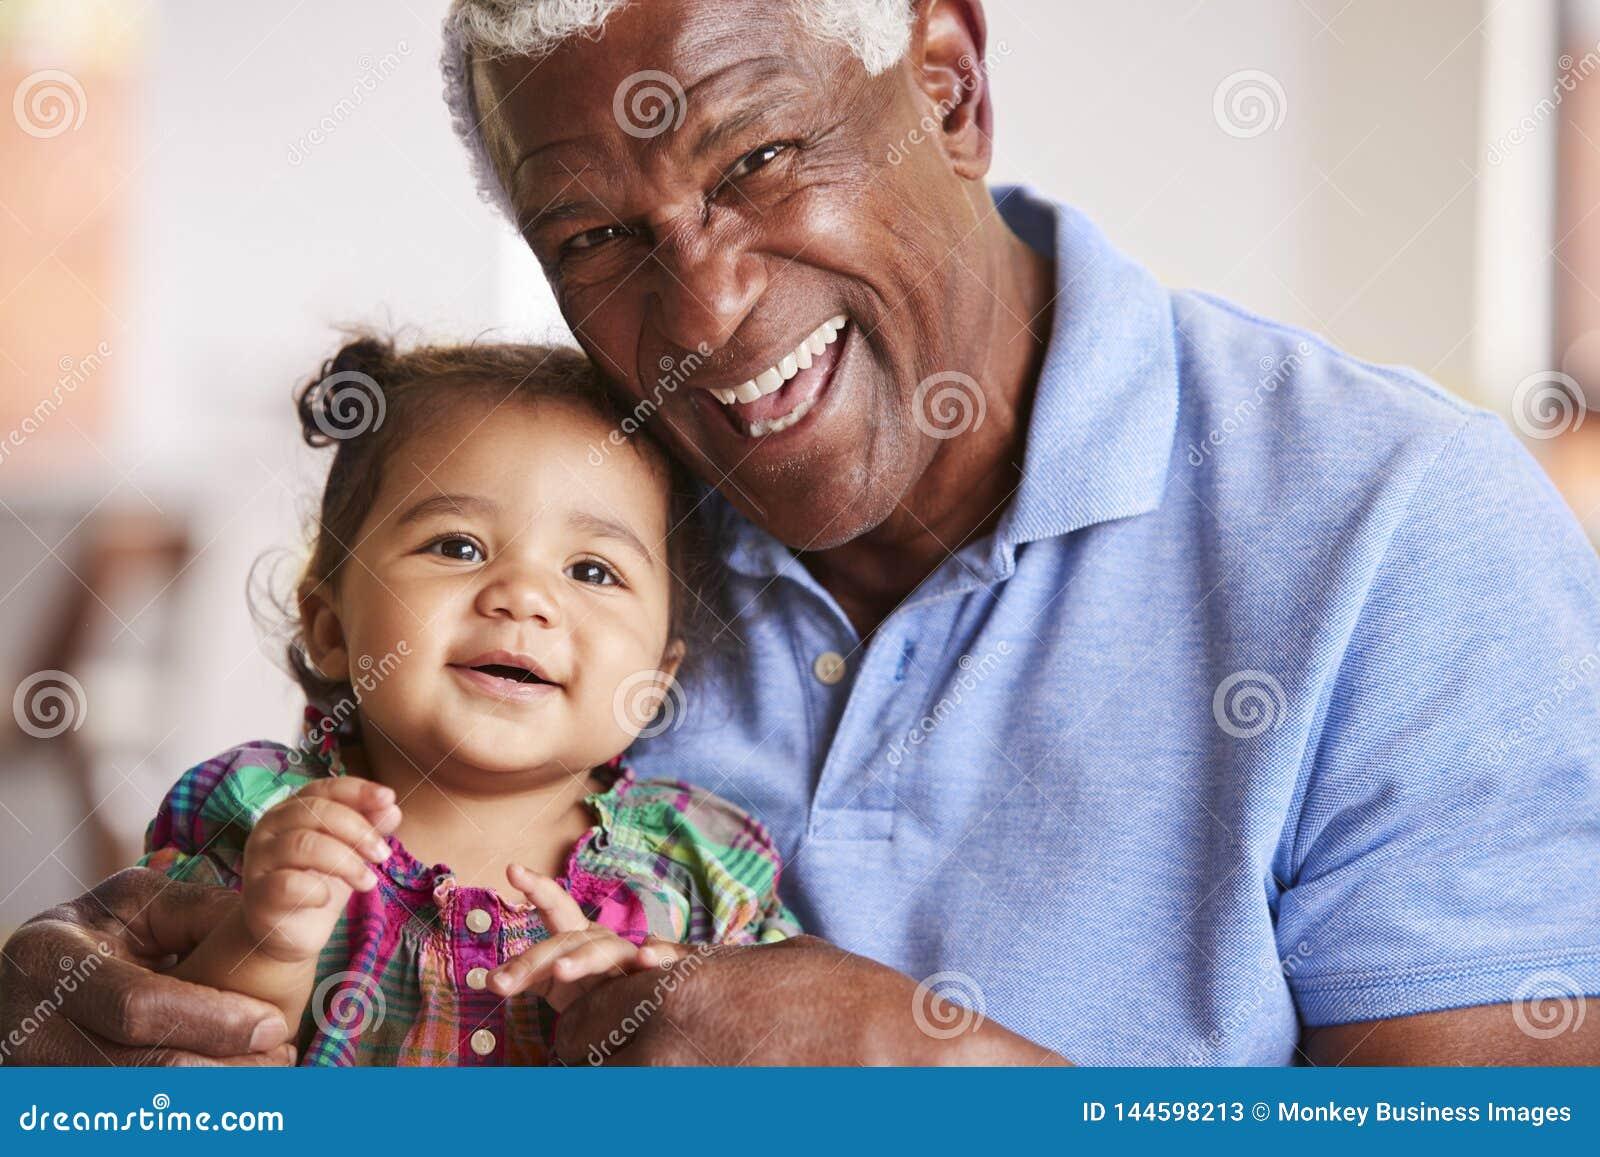 Portrait de la s?ance premi?re g?n?ration de sourire sur la petite-fille de Sofa At Home With Baby